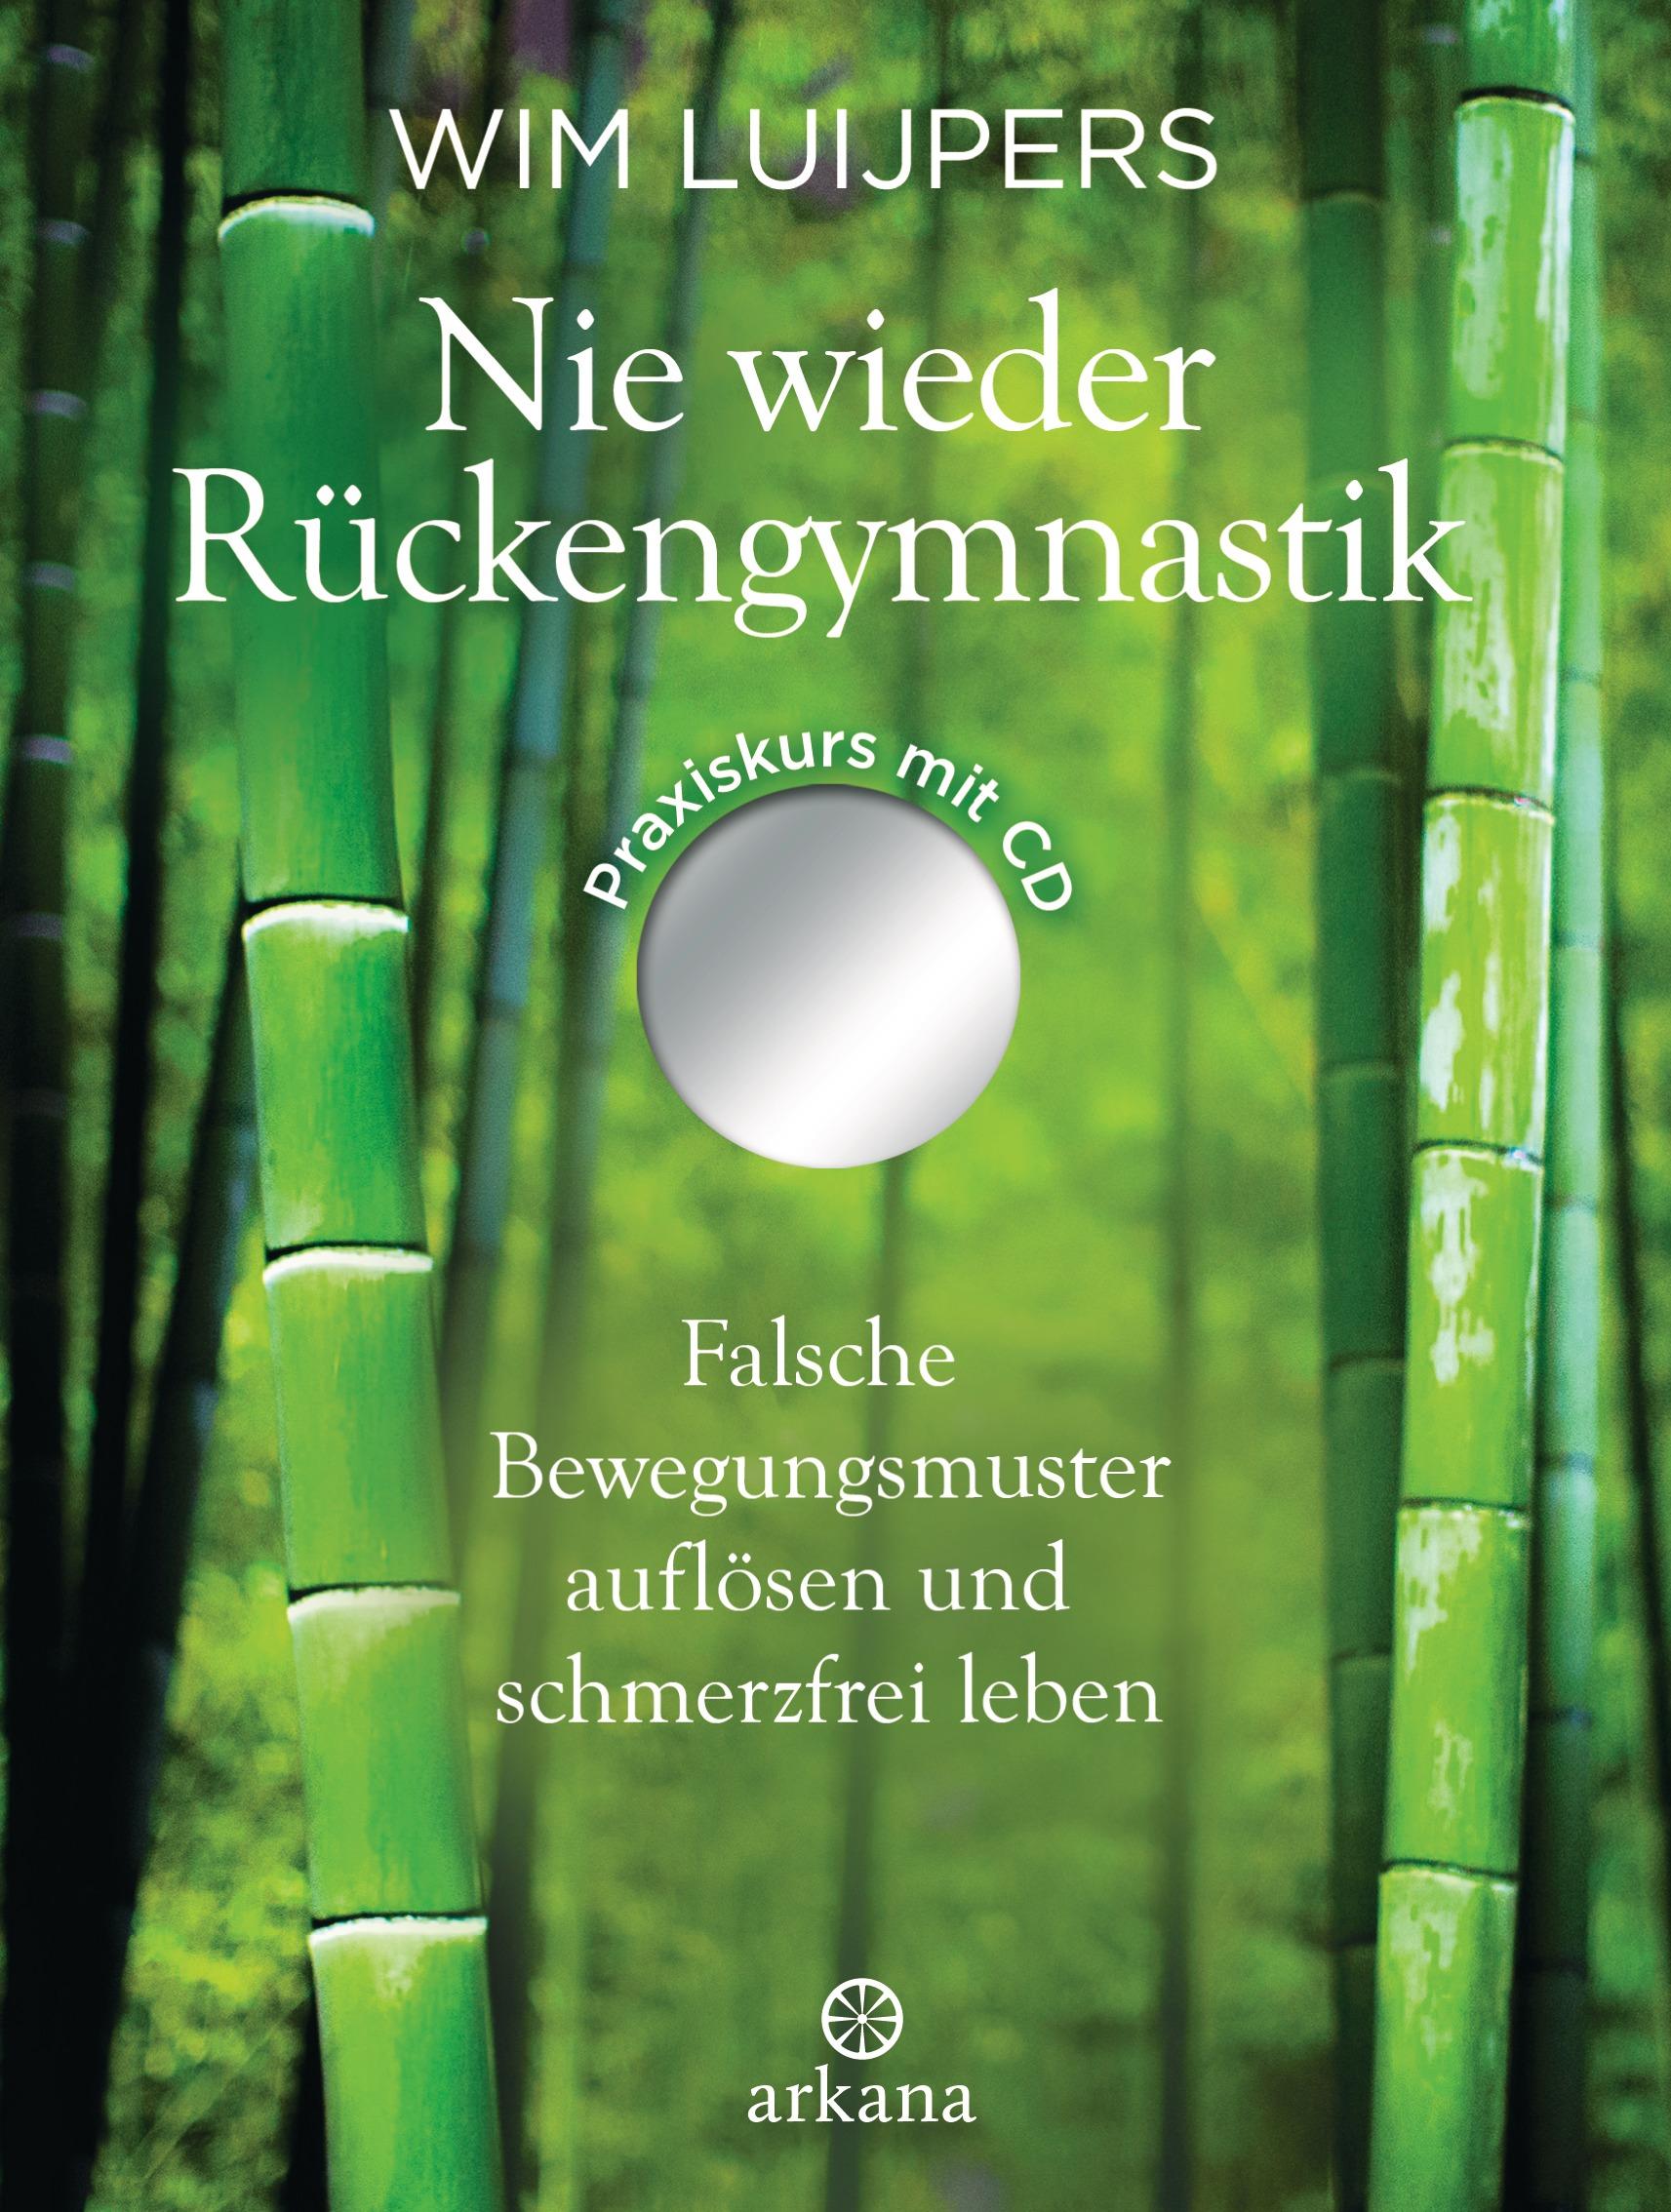 Nie wieder Rückengymnastik: Falsche Bewegungsmuster auflösen und schmerzfrei leben - Wim Luijpers [mit mp3 CD]